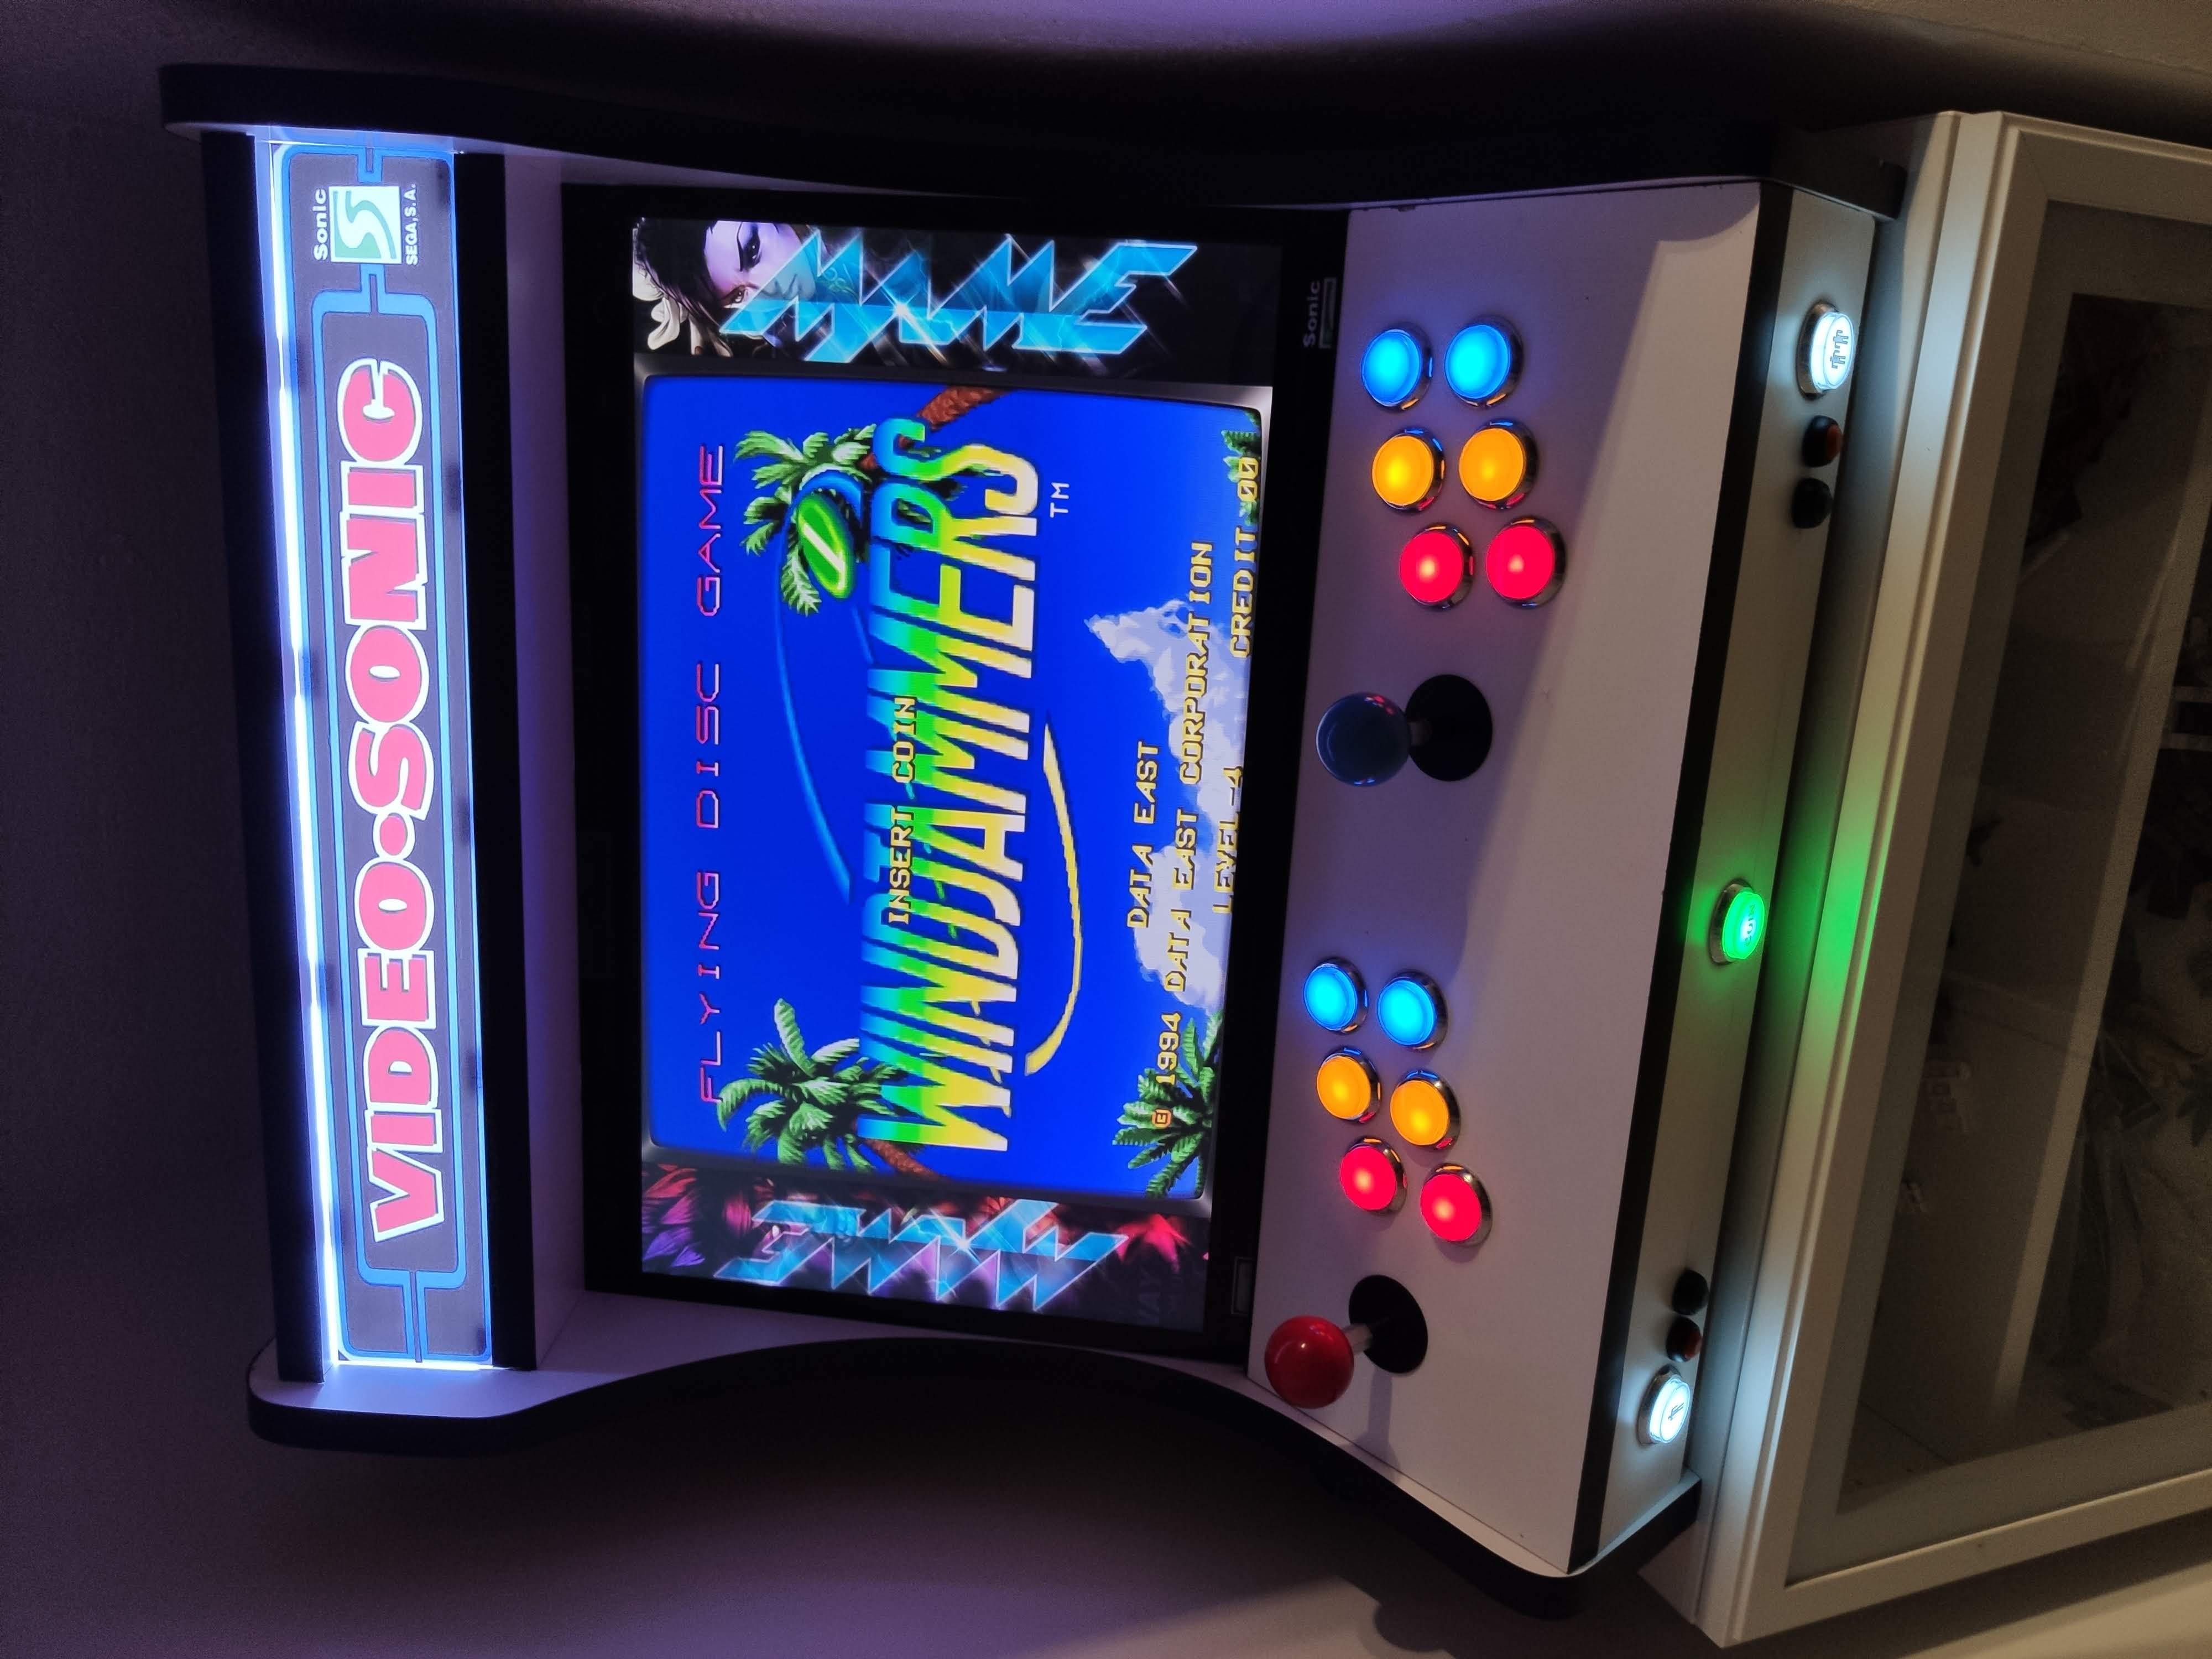 -- Atraso Arcade Gabinete